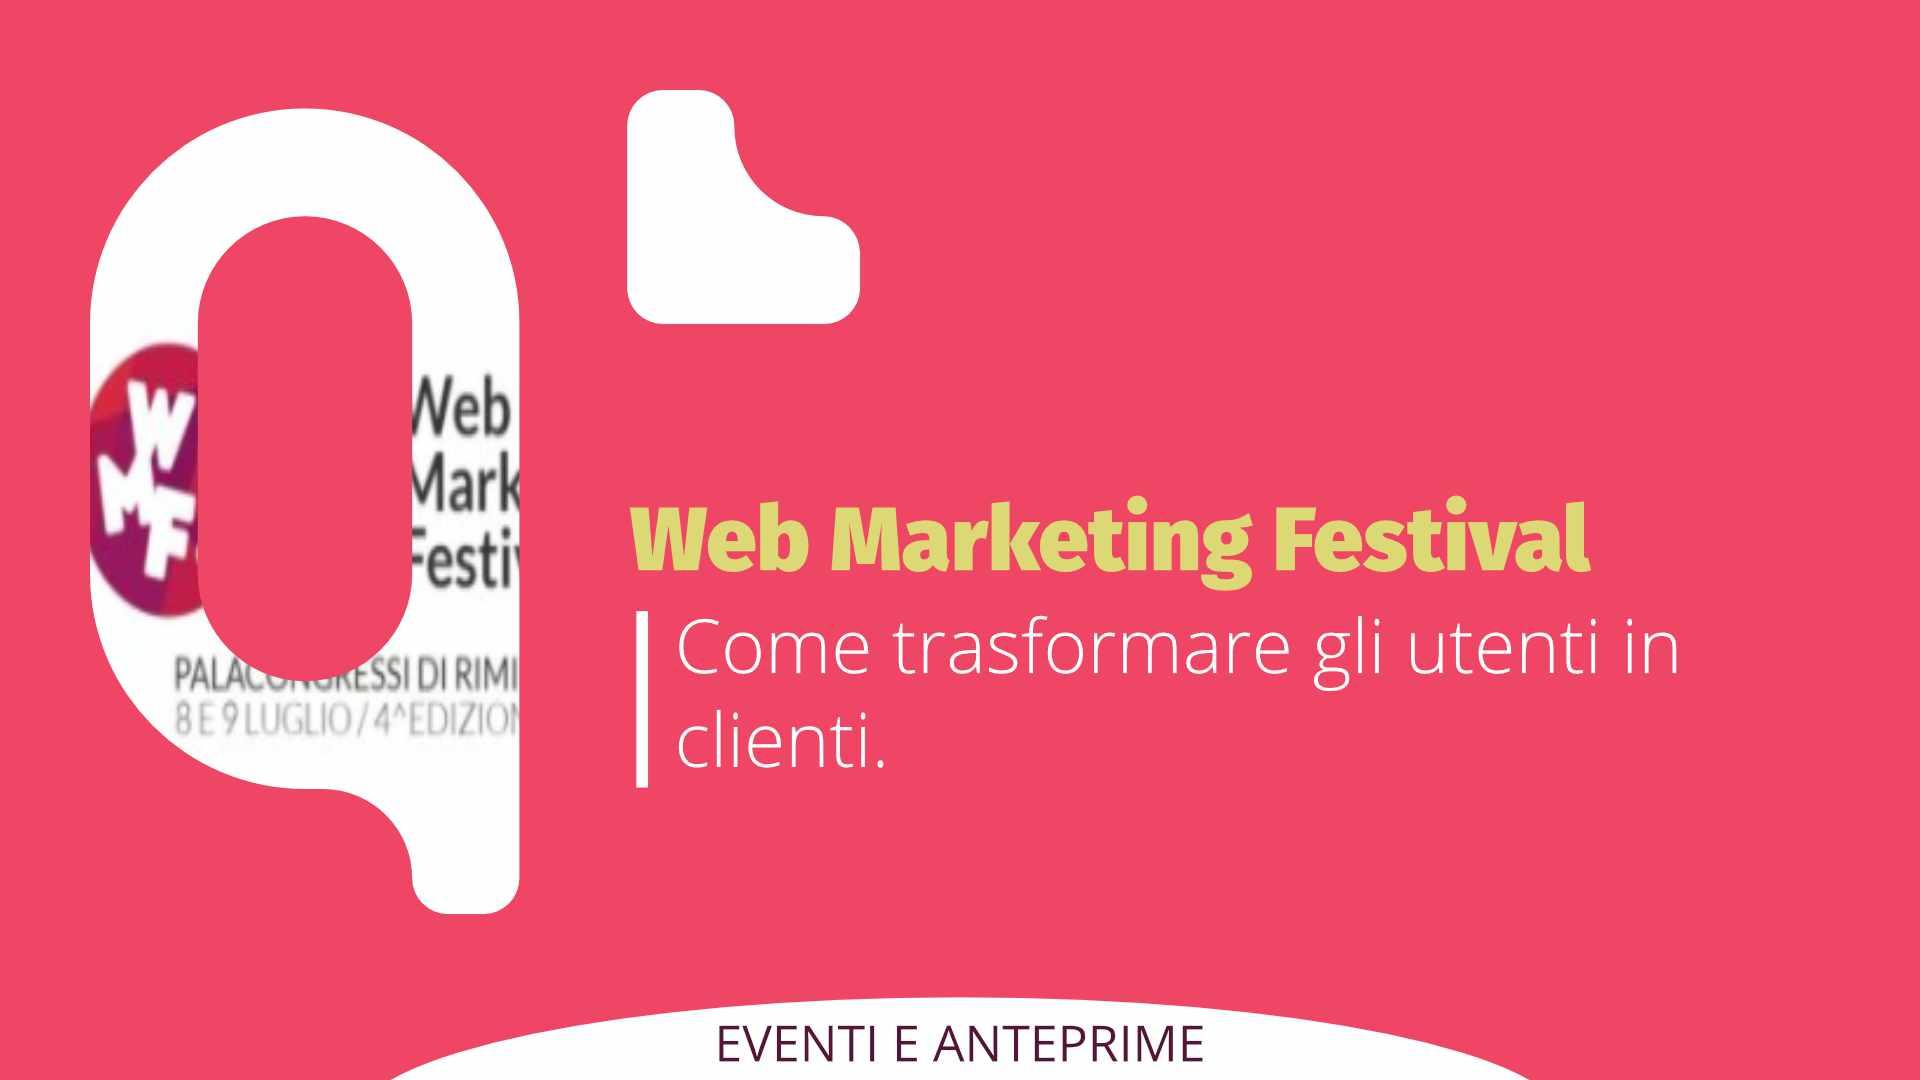 web mktg festival 2016